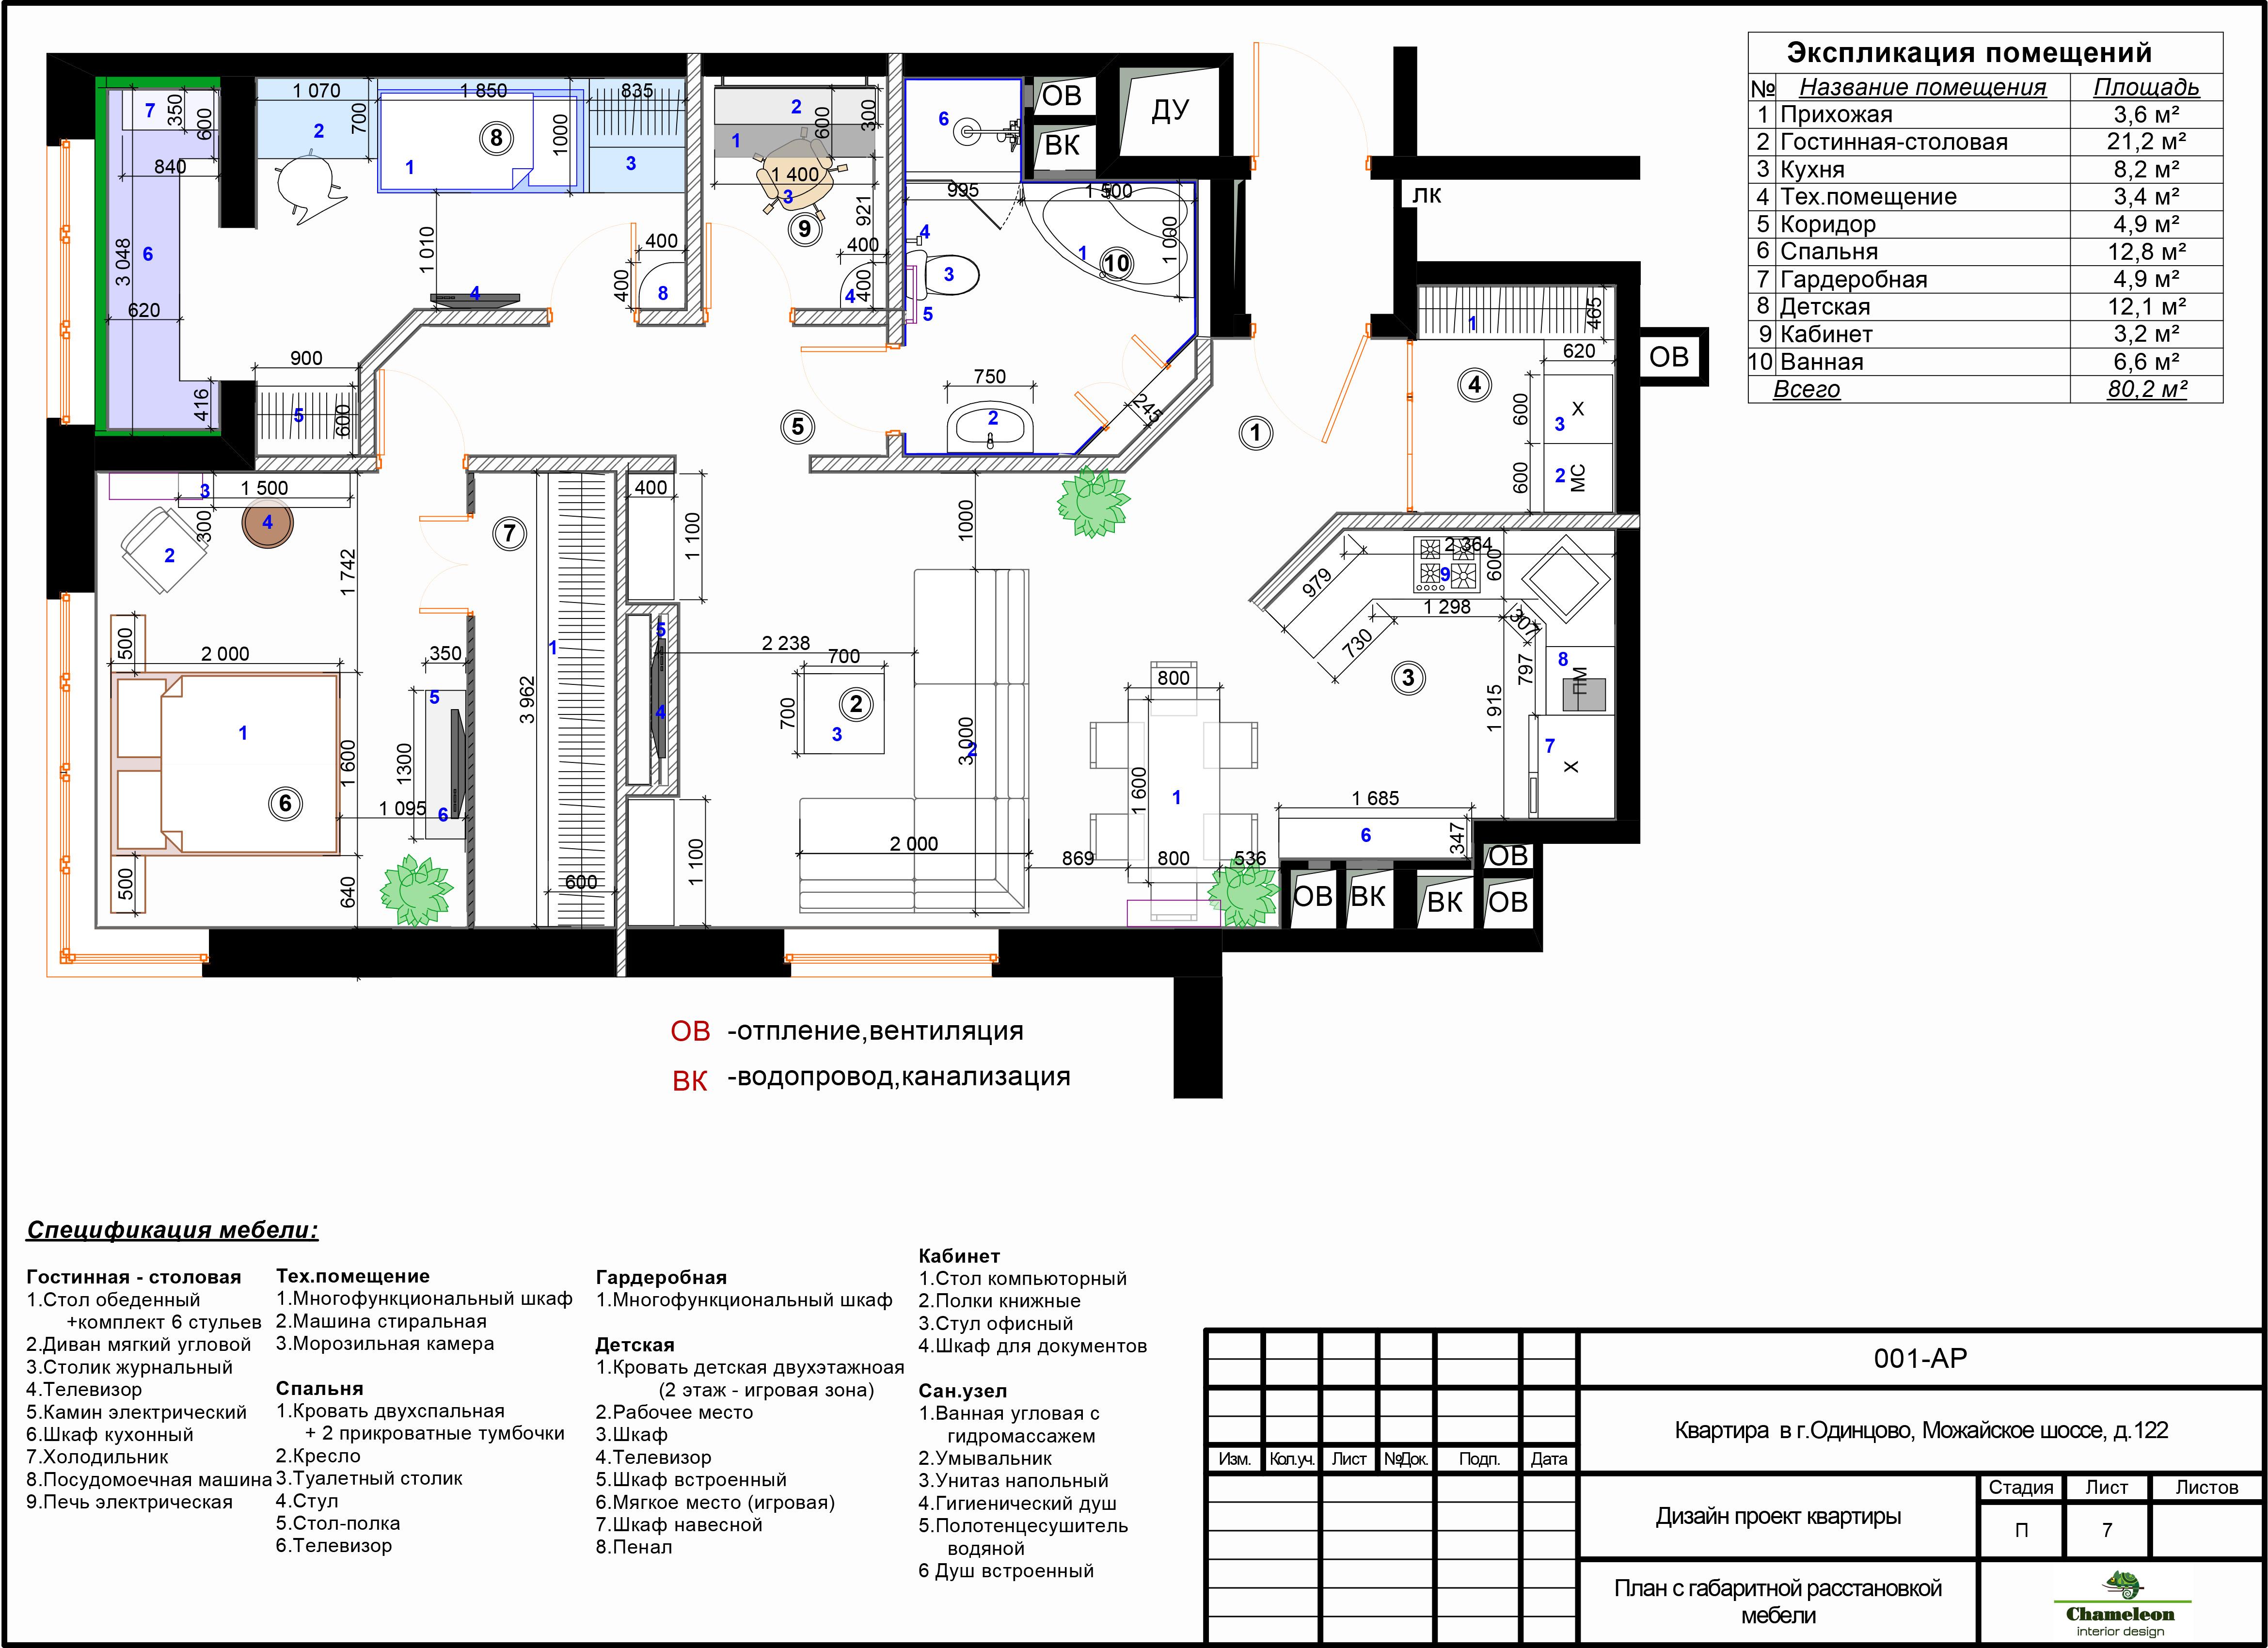 Пример чертежей /7 план с габаритной расстановкой мебели